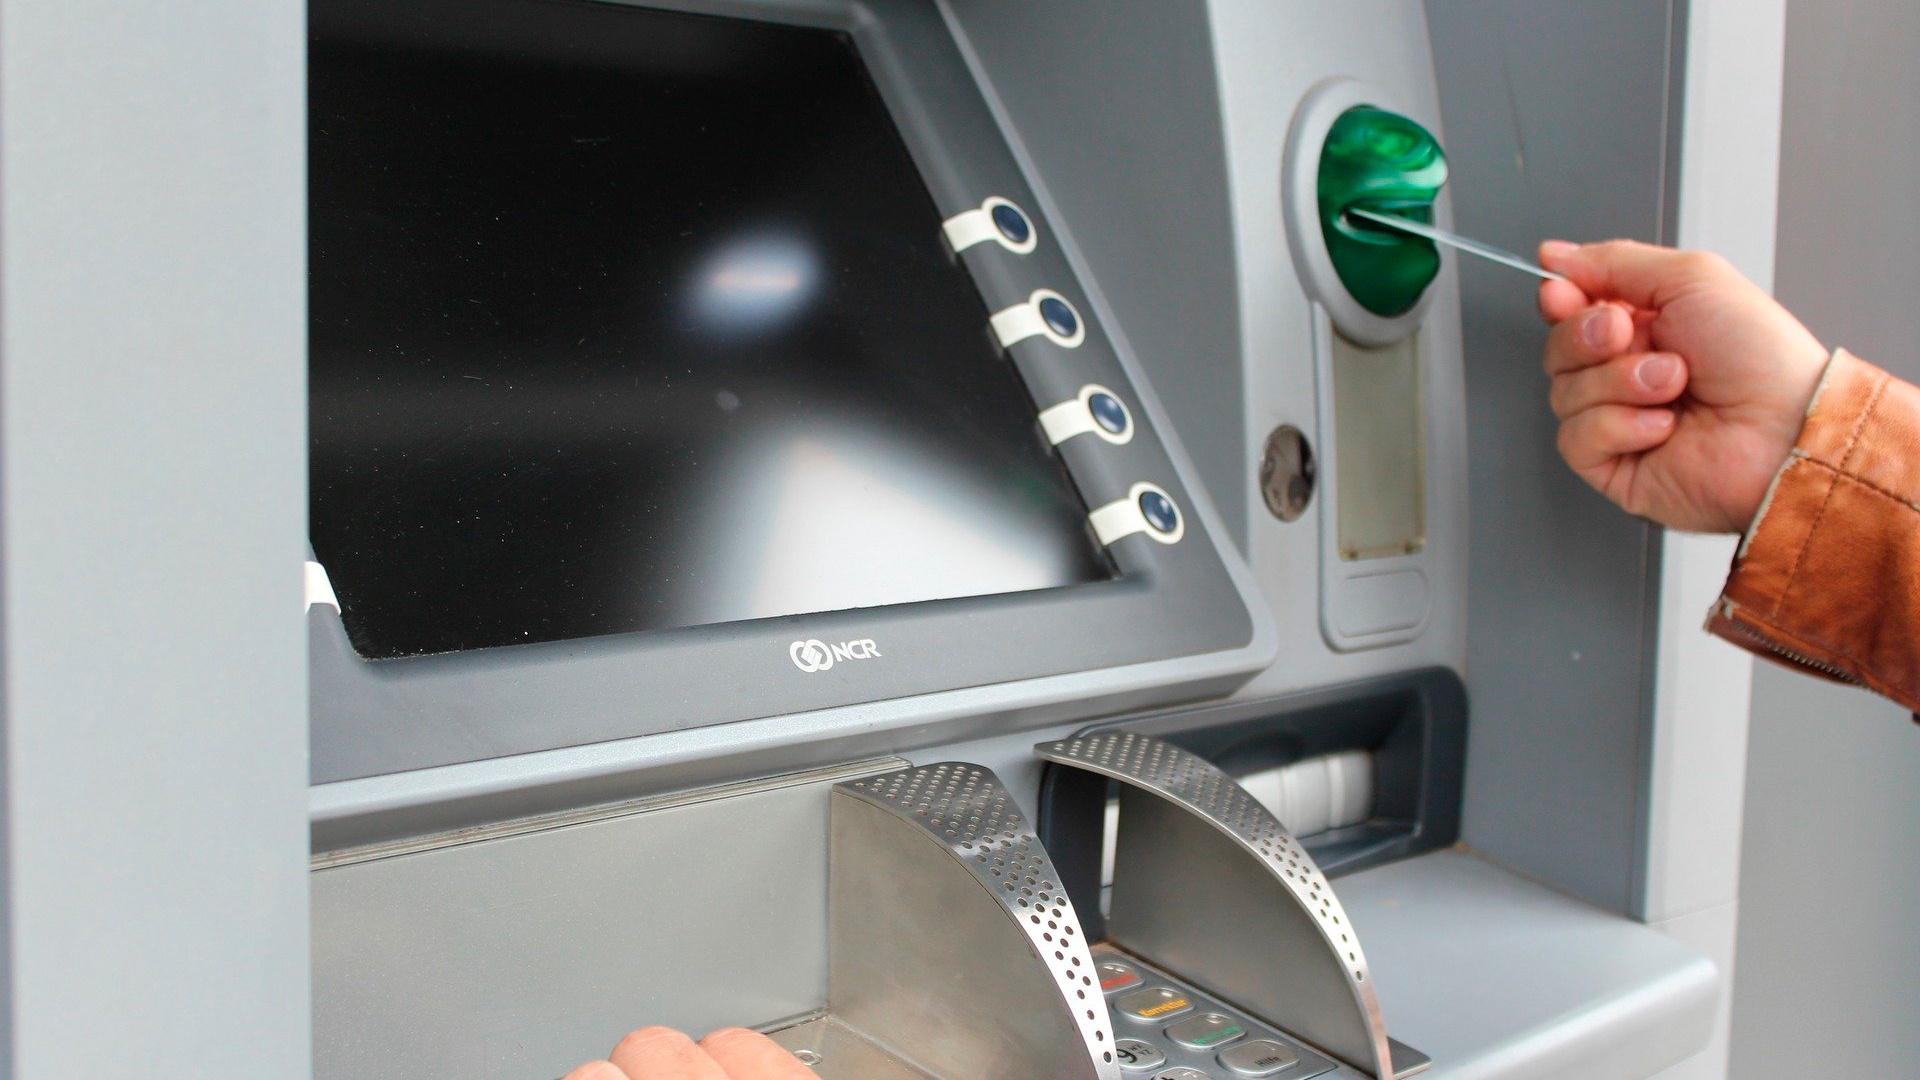 Сбербанк ввел комиссию в 1% для всех переводов через банкоматы